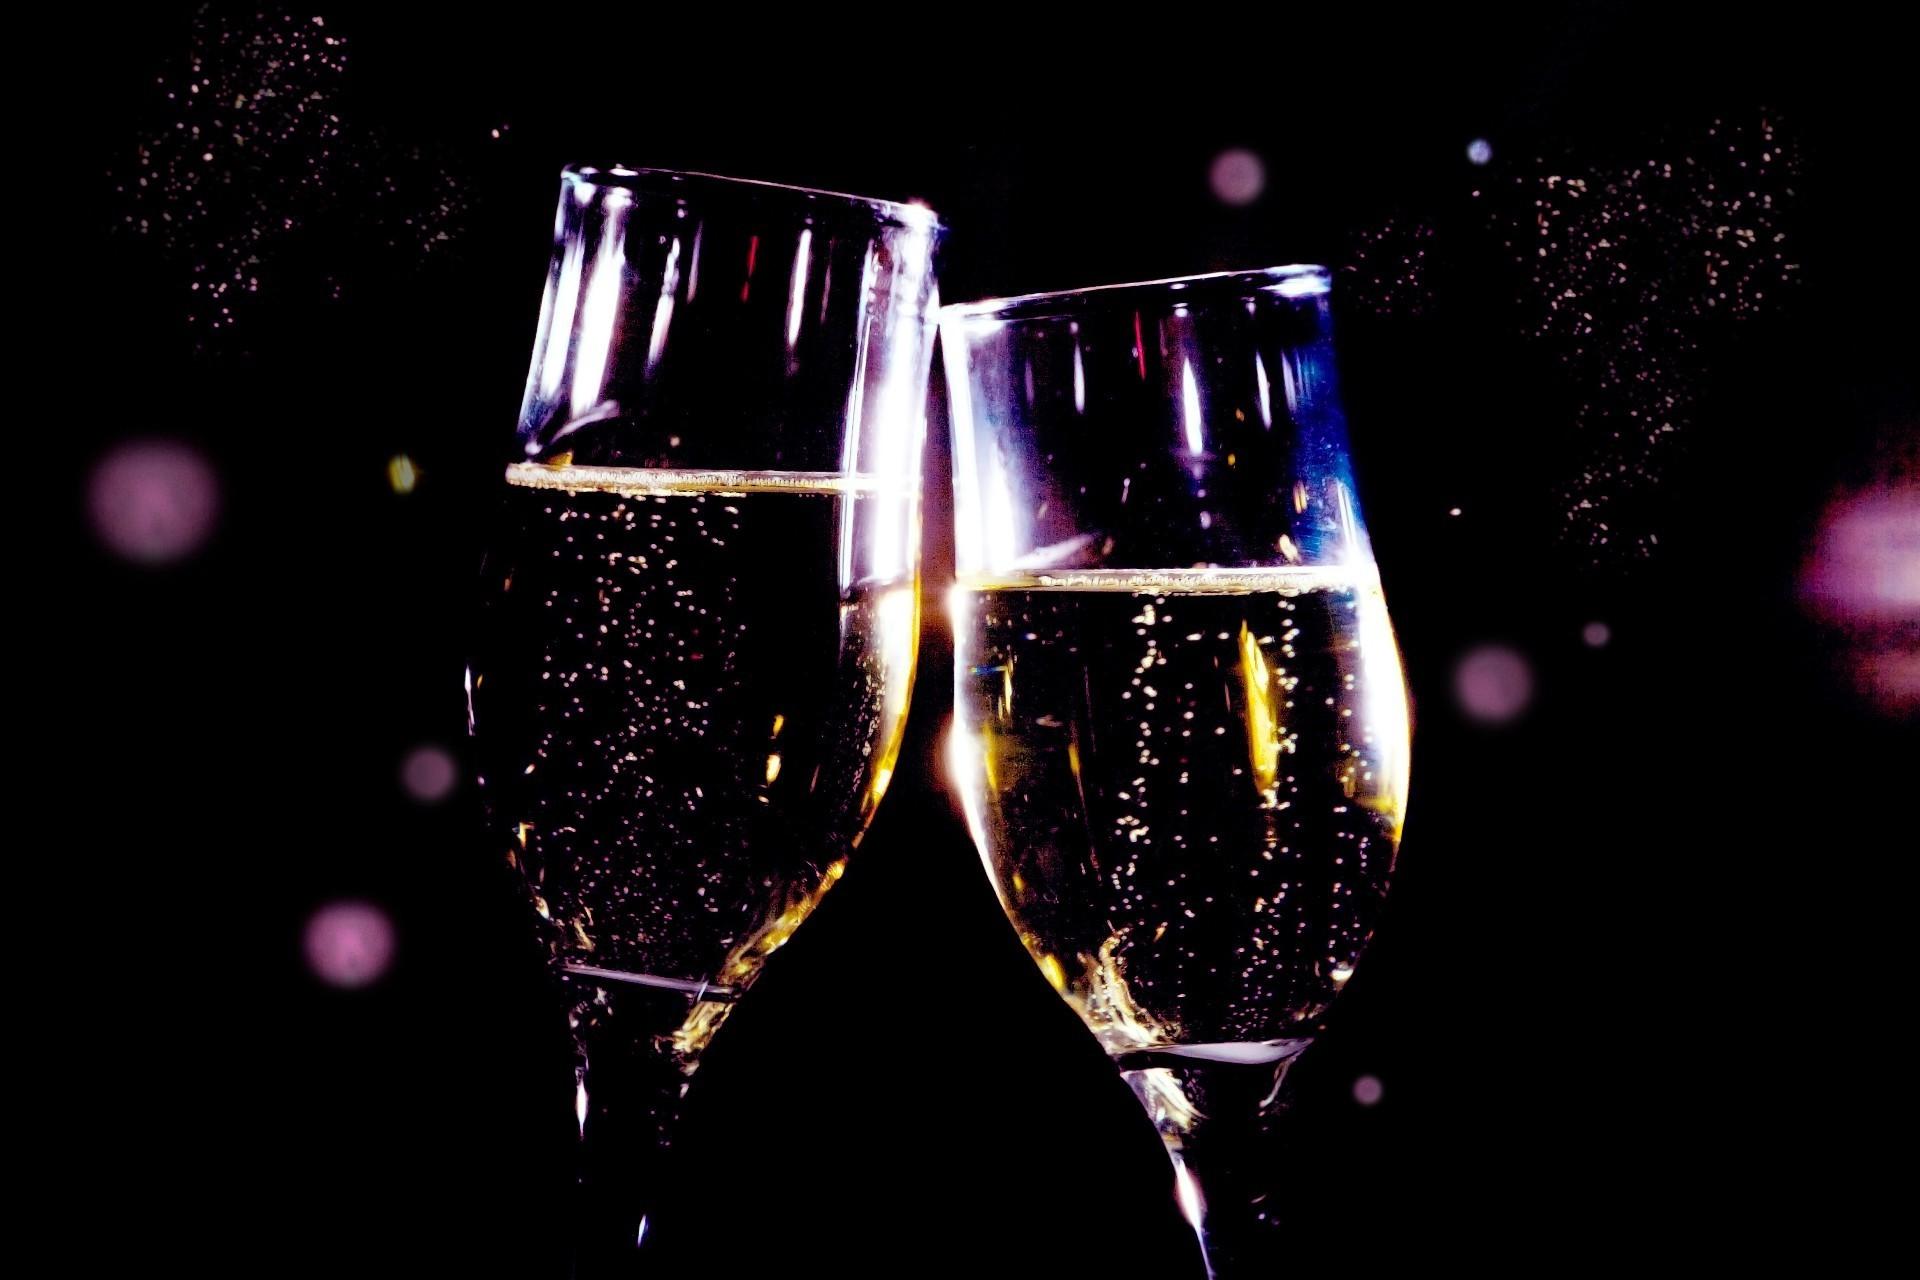 бокалы шампанского гифки очень красивые